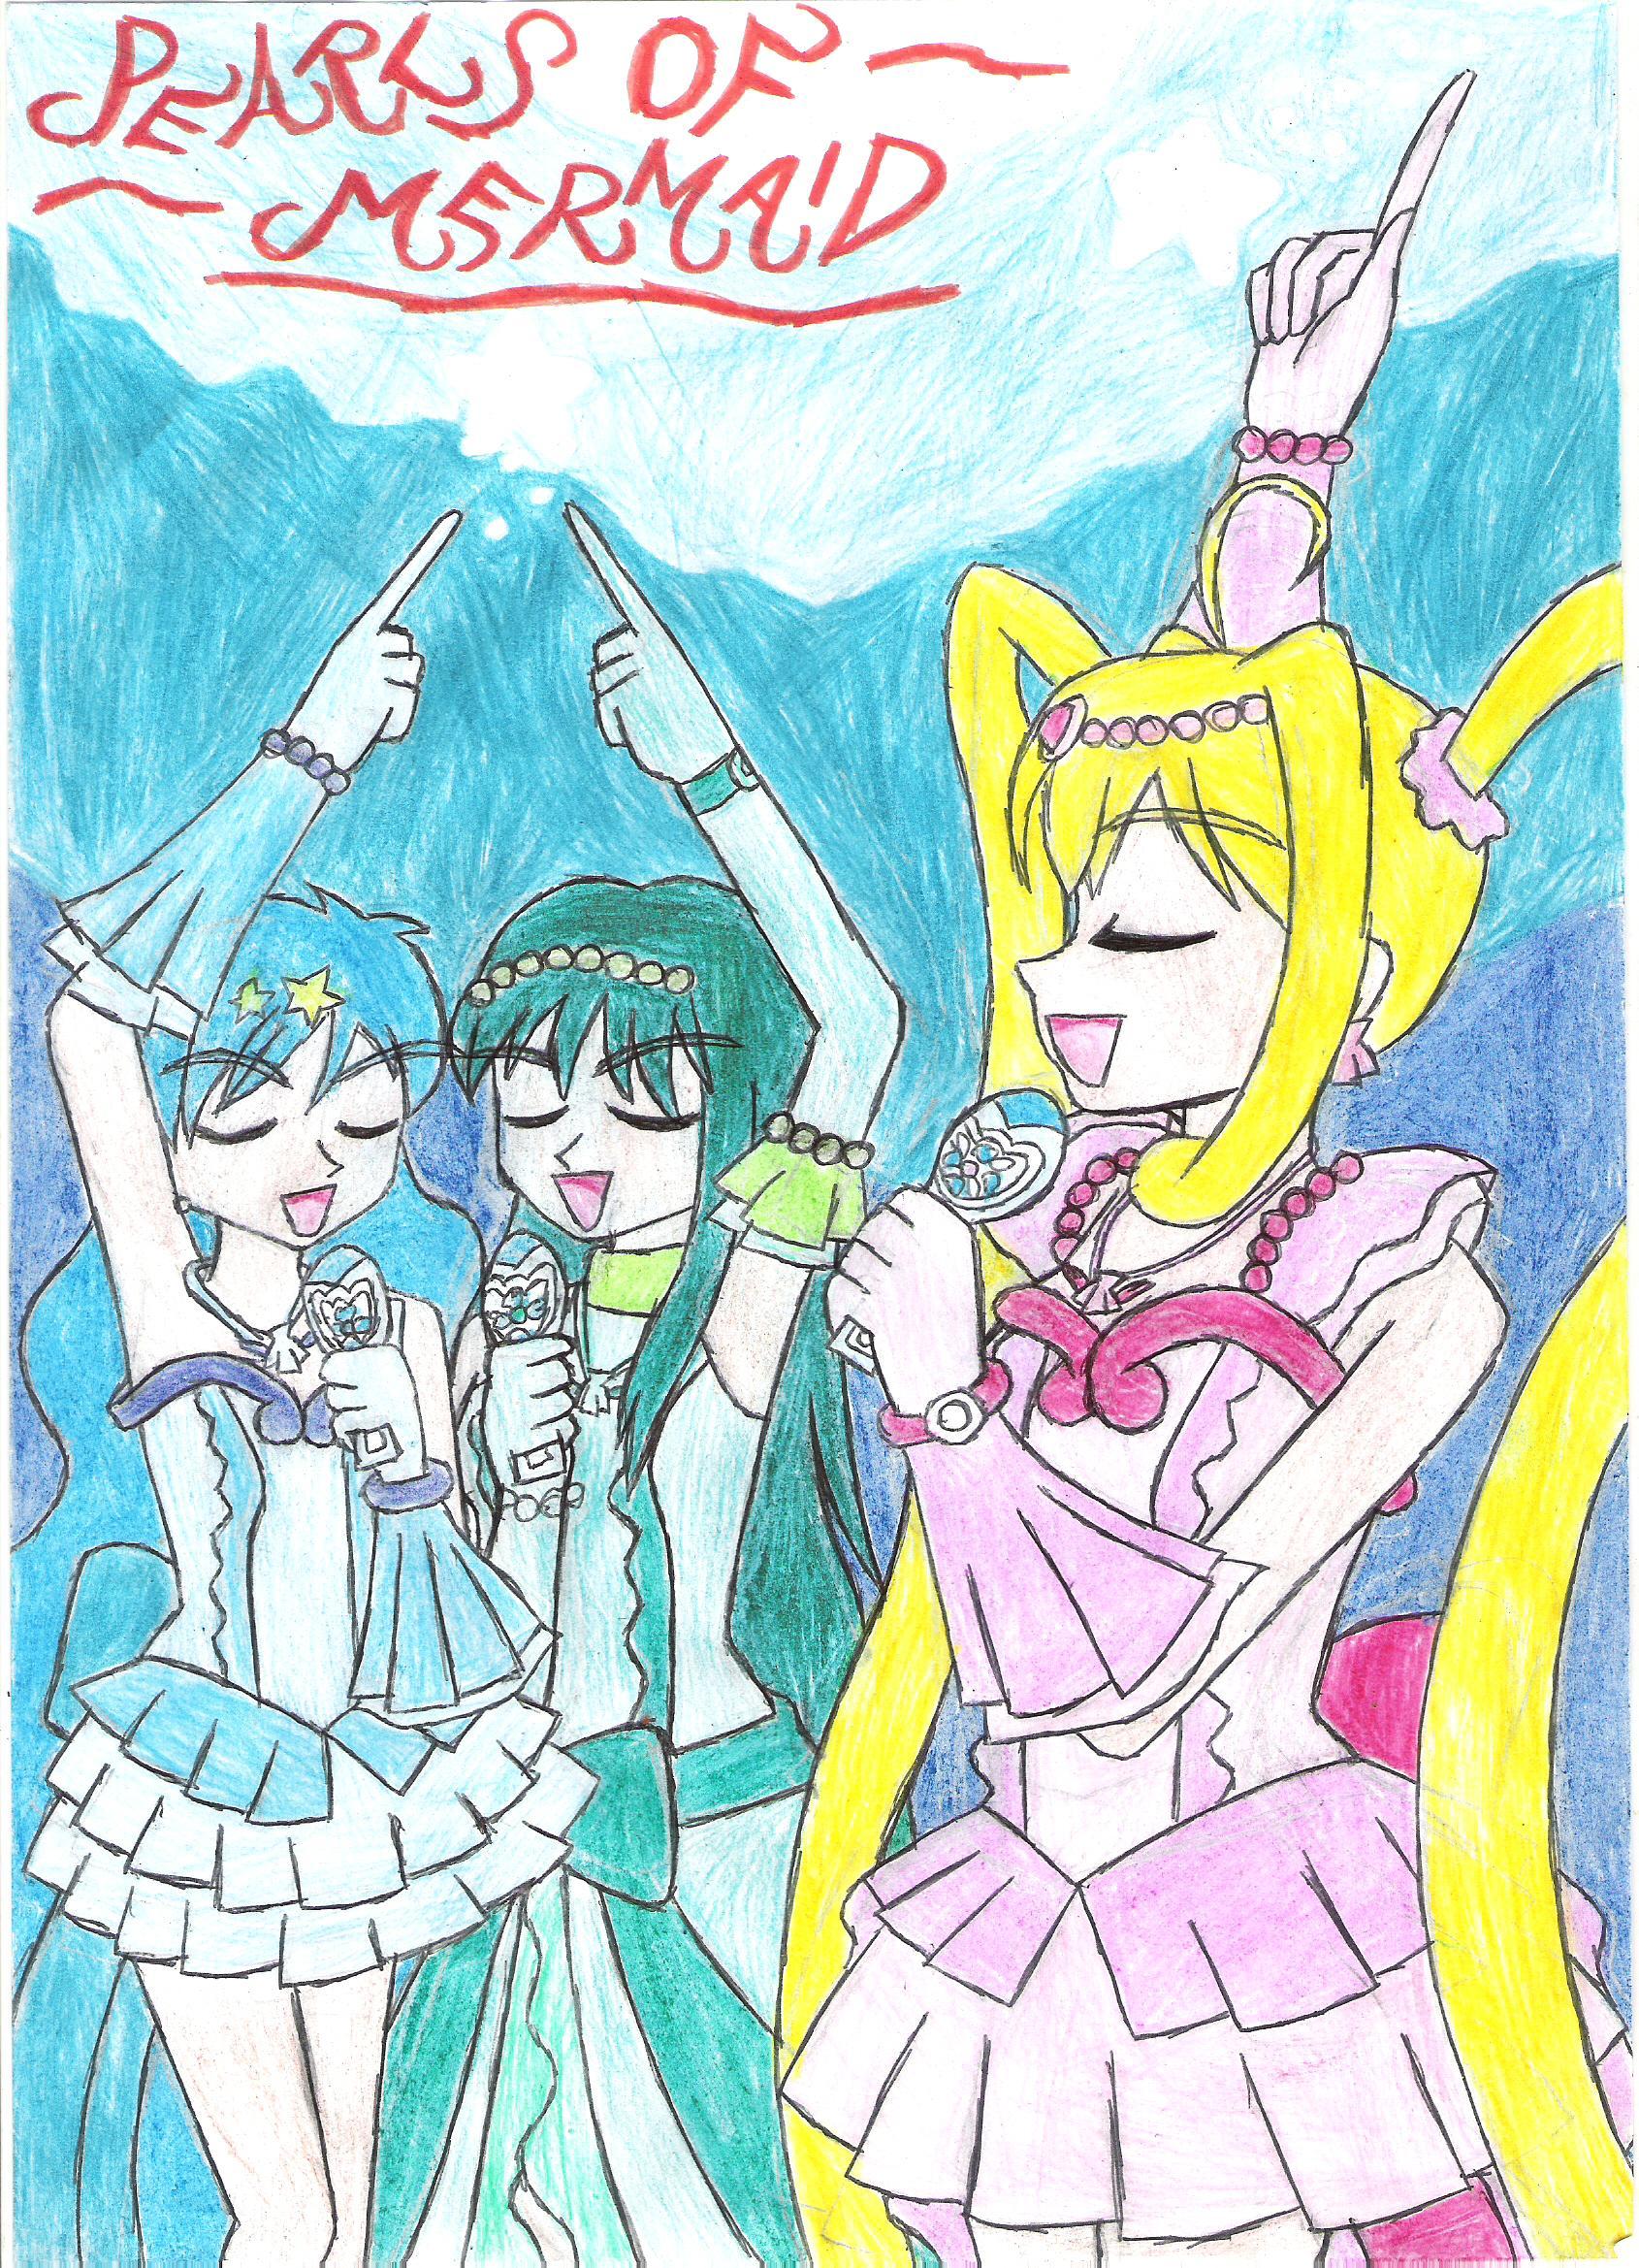 Mermaid_Melody-_Pearls_of_Mermaid.jpg